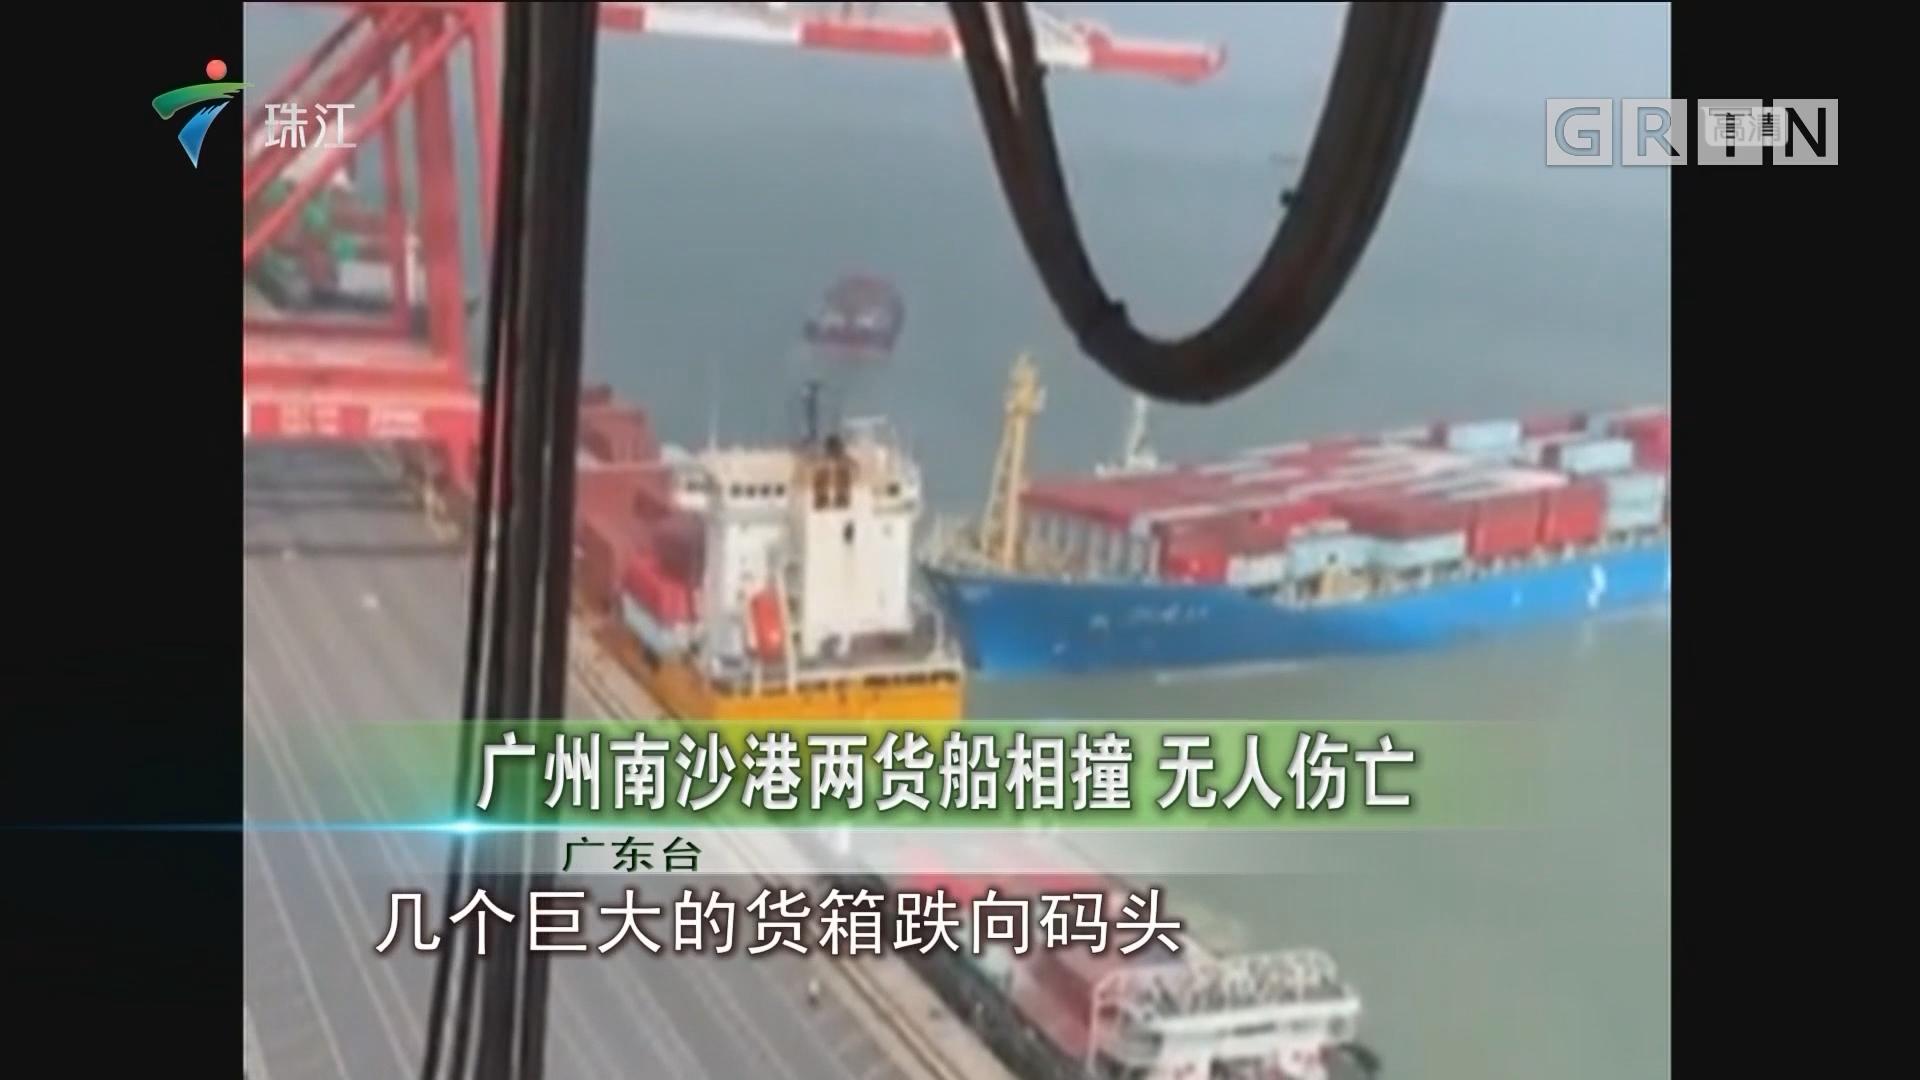 广州南沙港两货船相撞 无人伤亡